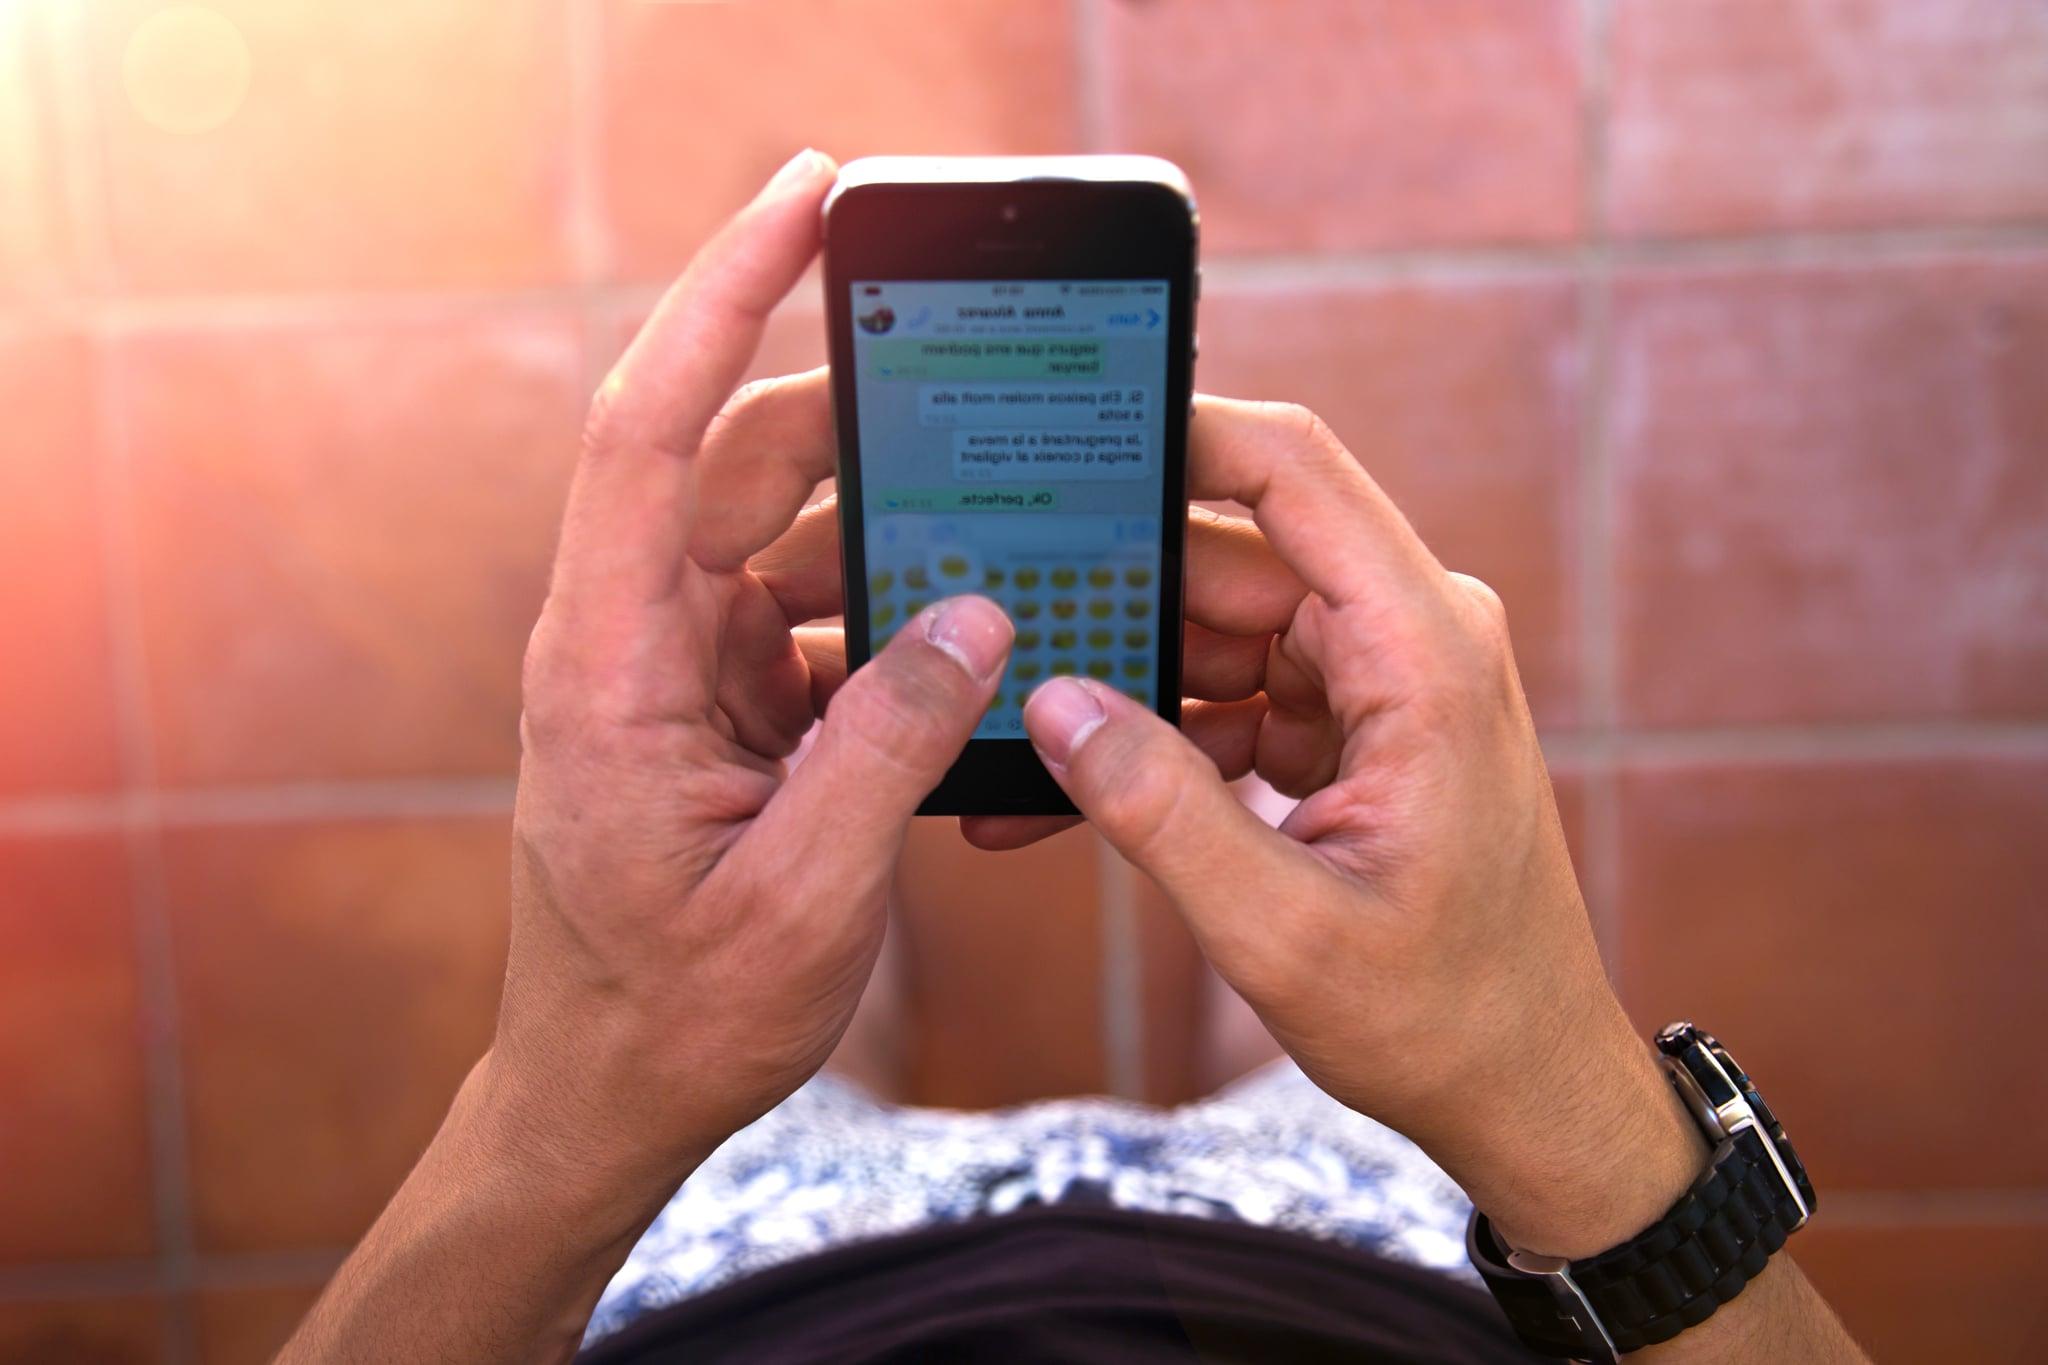 Советы о том, как заставить iPhone перестать автоматически исправлять слова при наборе сообщений